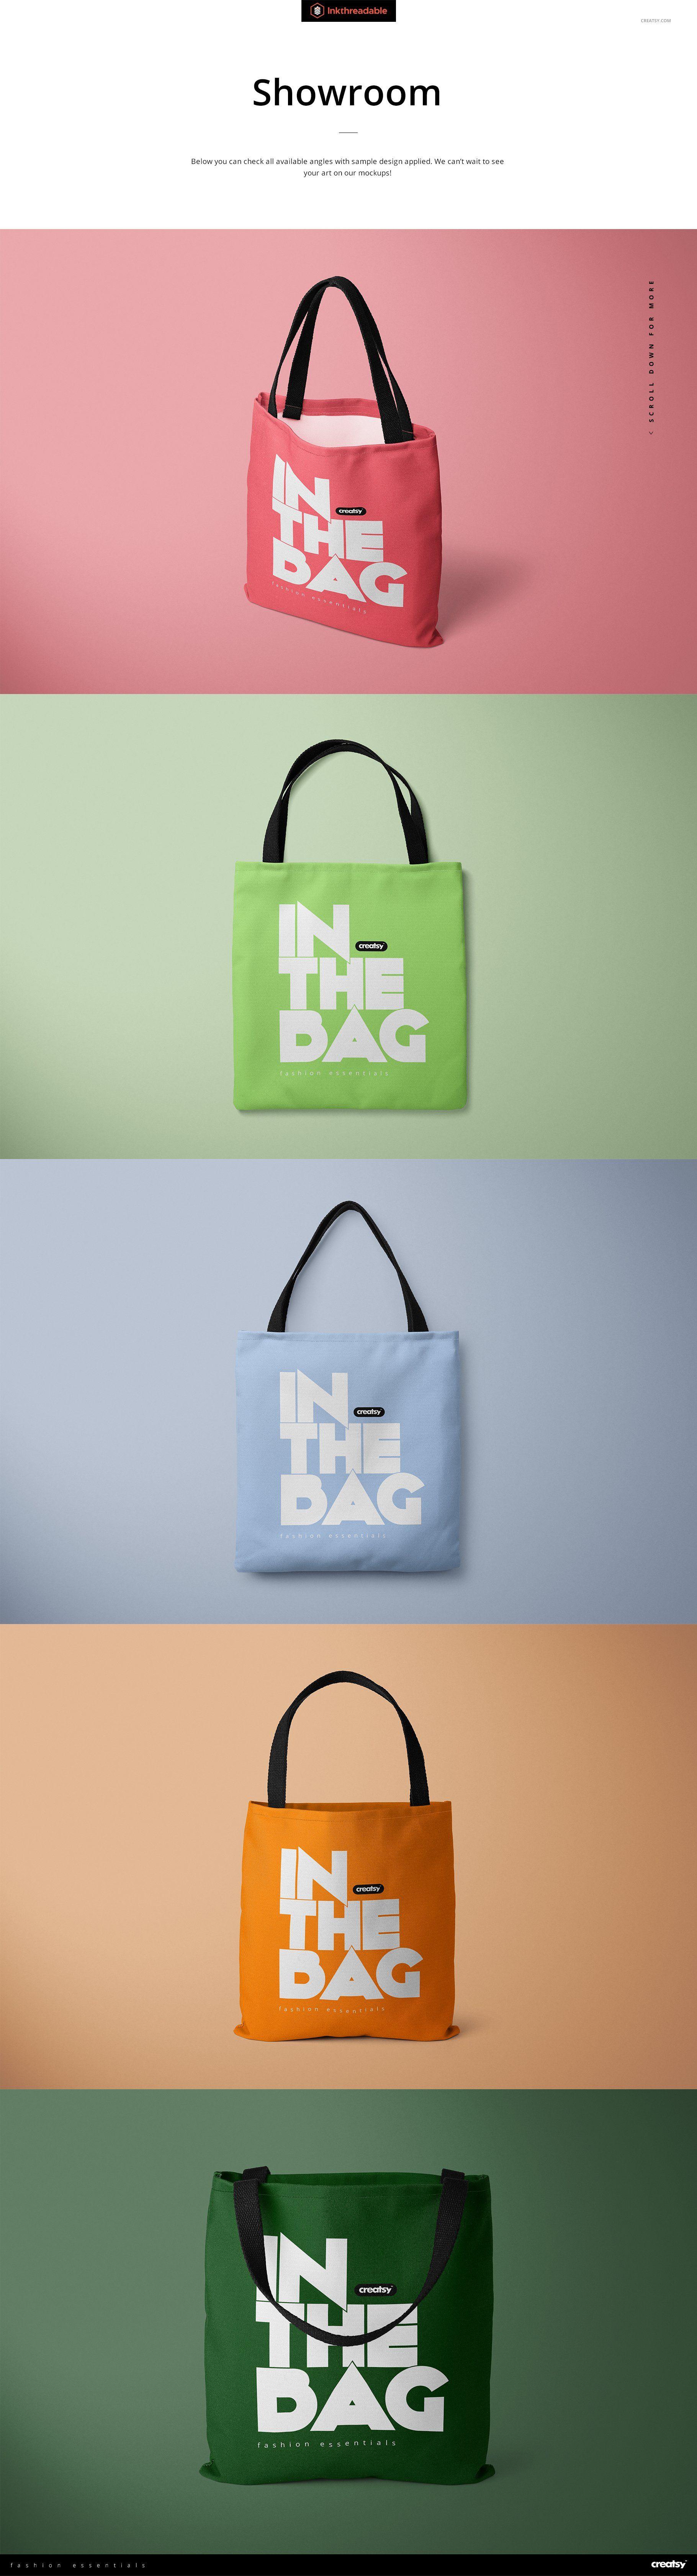 Download Polyester Tote Bag Mockup Set Bag Mockup Bags Tote Bag